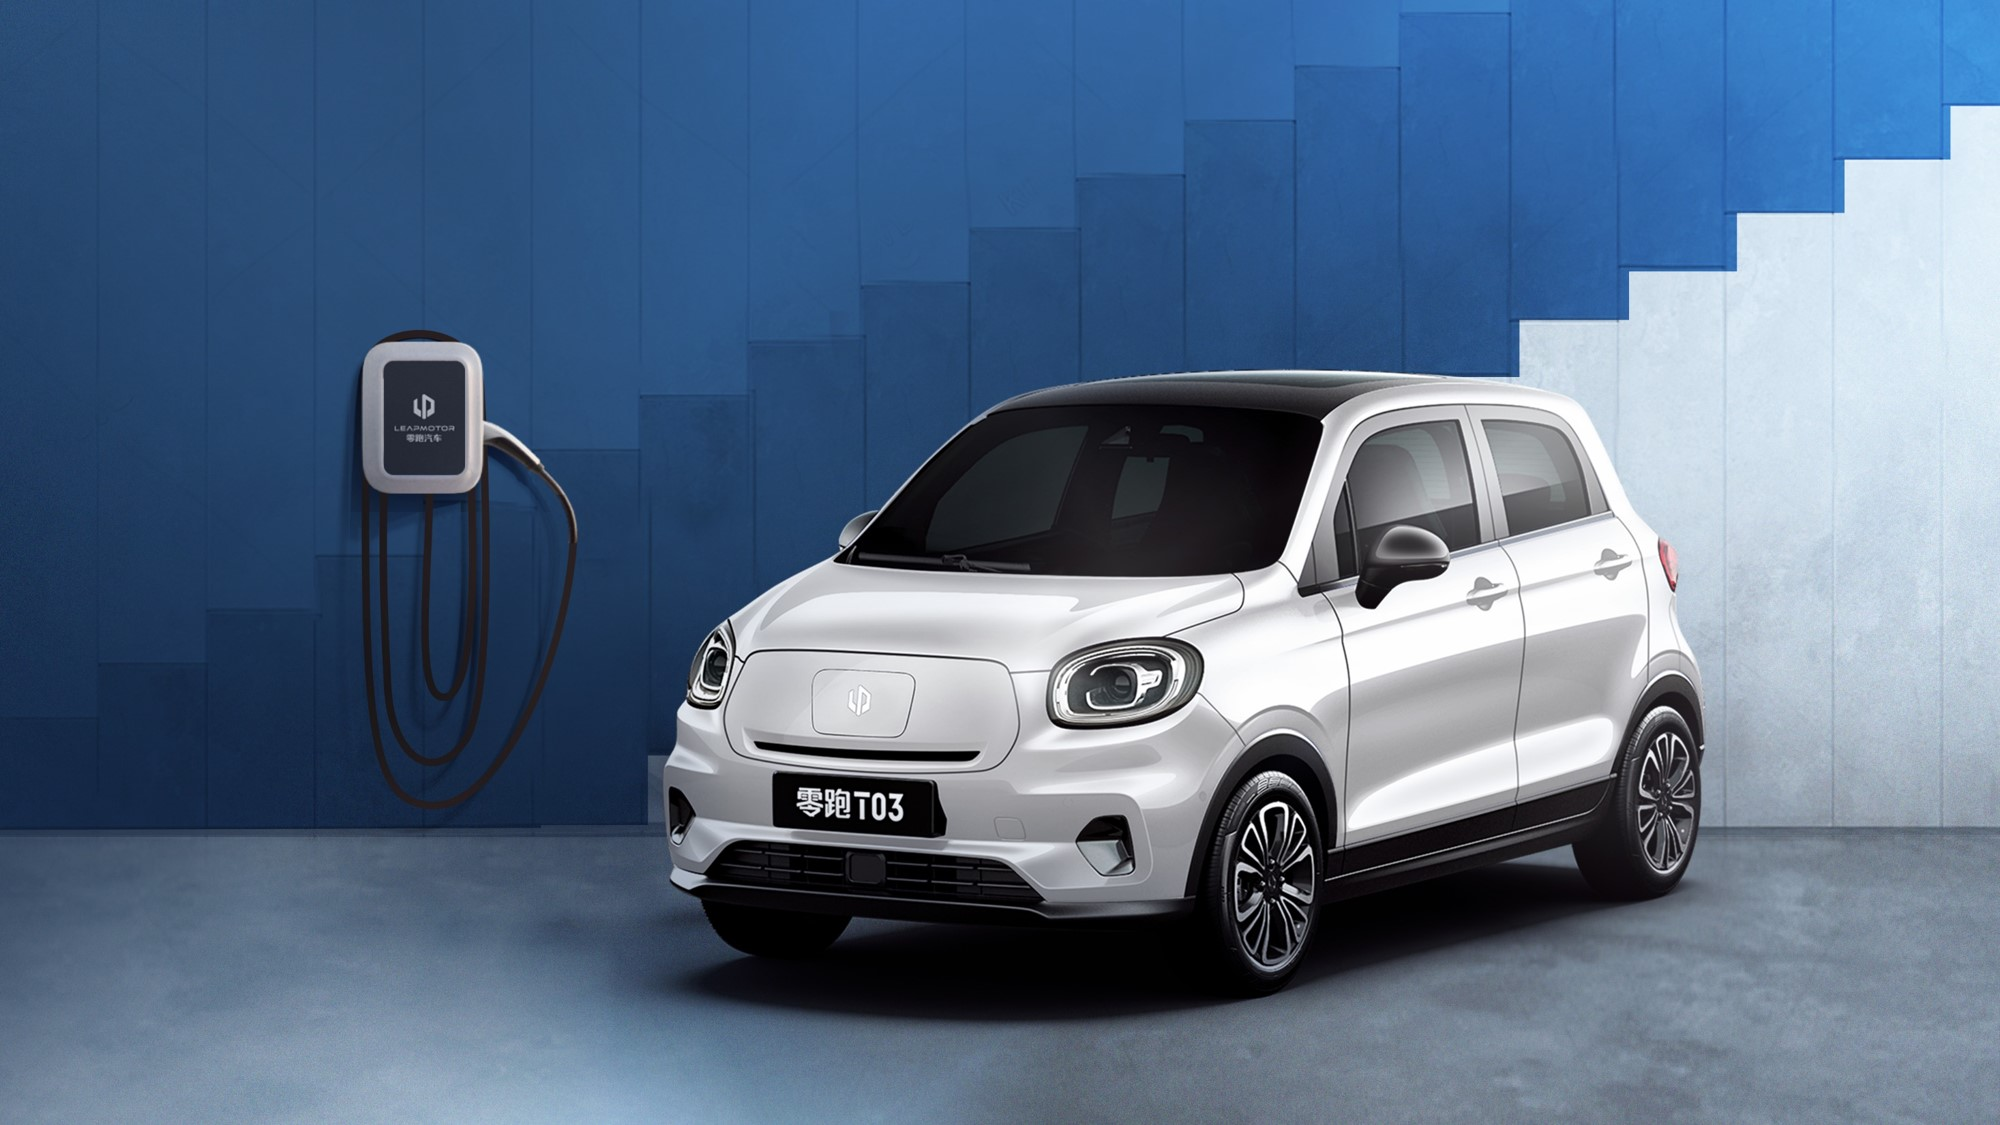 摆脱微型电动车固有印象 零跑T03能从一众好手中脱颖而出吗?